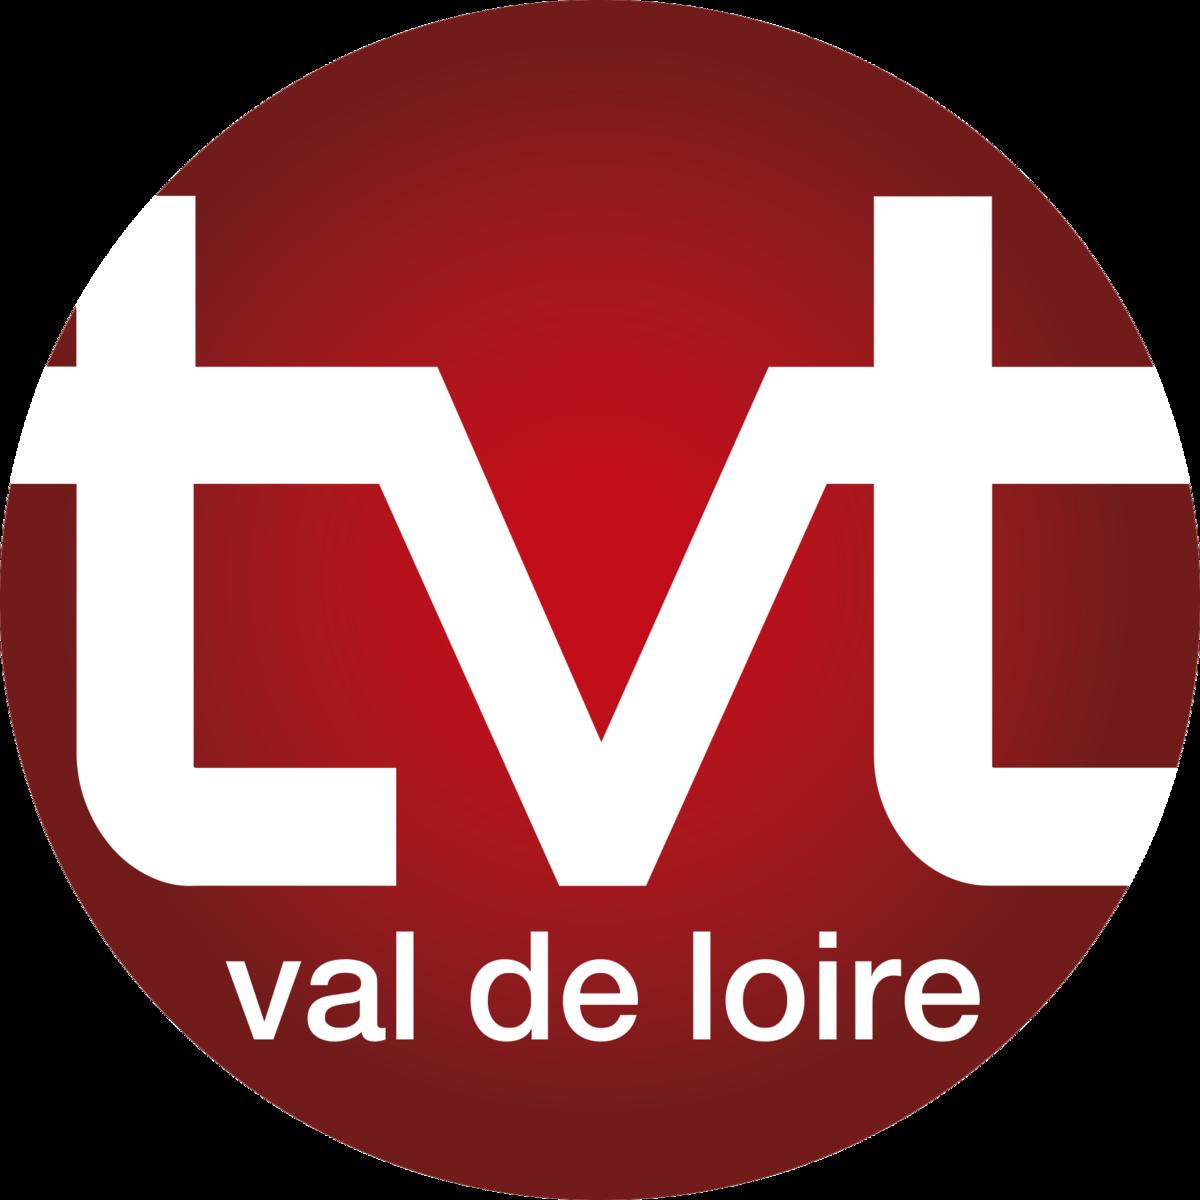 TV Tours - Partenaire du Festival du Cirque Val de Loire